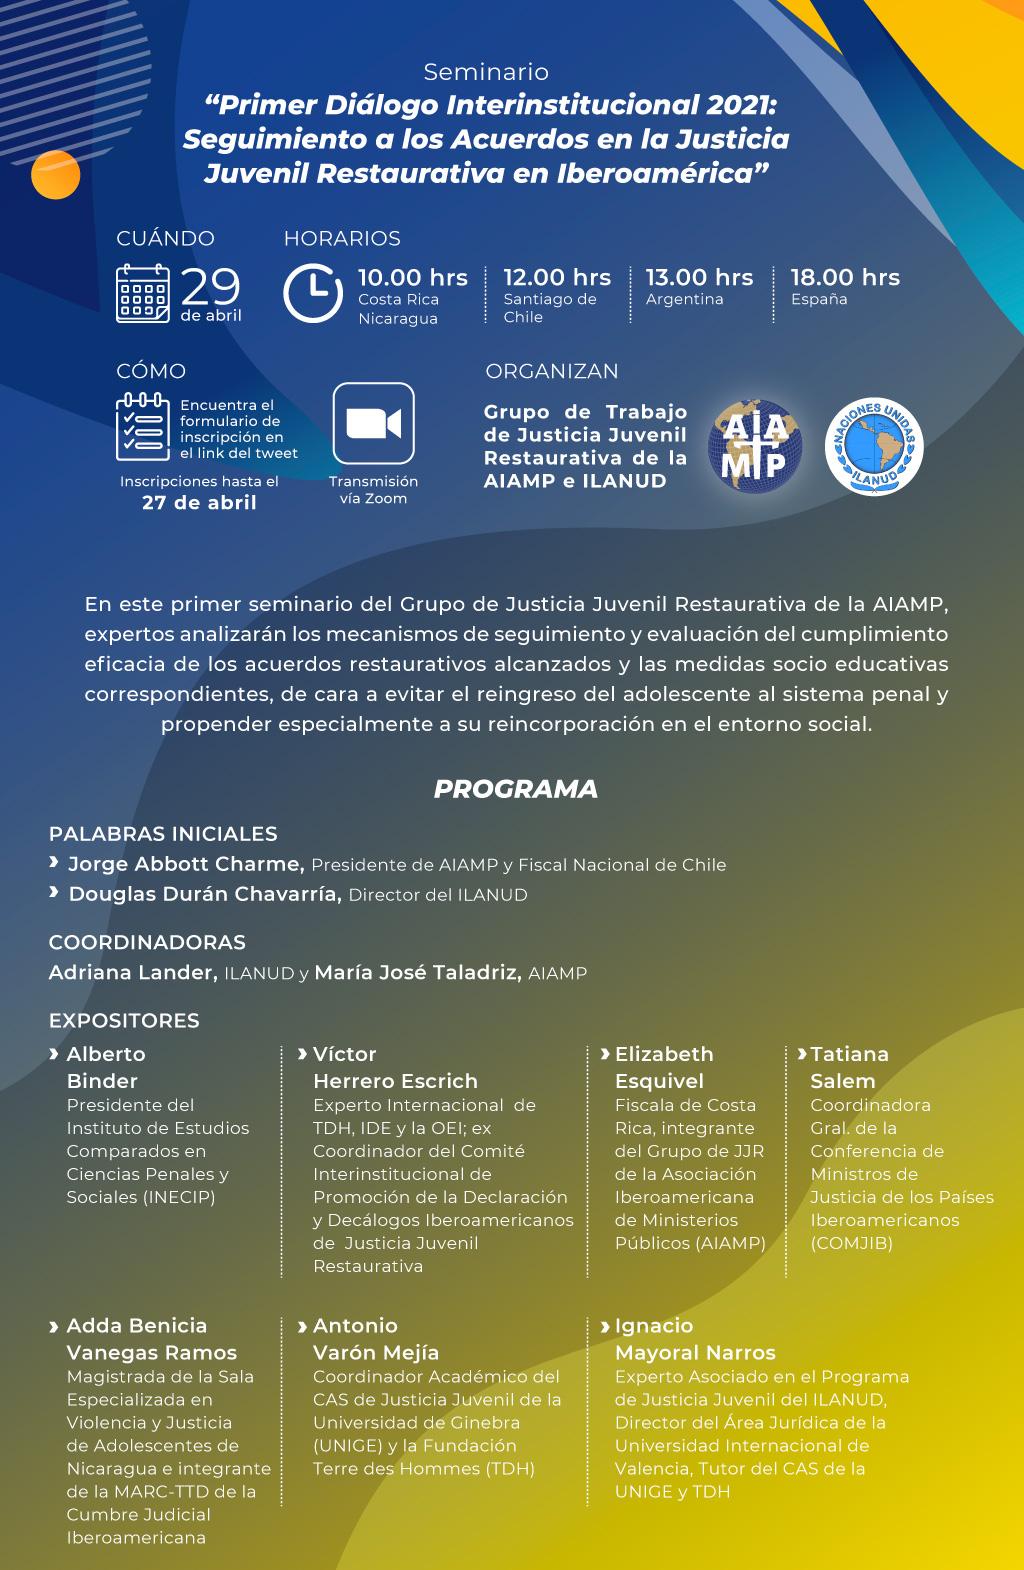 Primer Diálogo Interinstitucional 2021 sobre